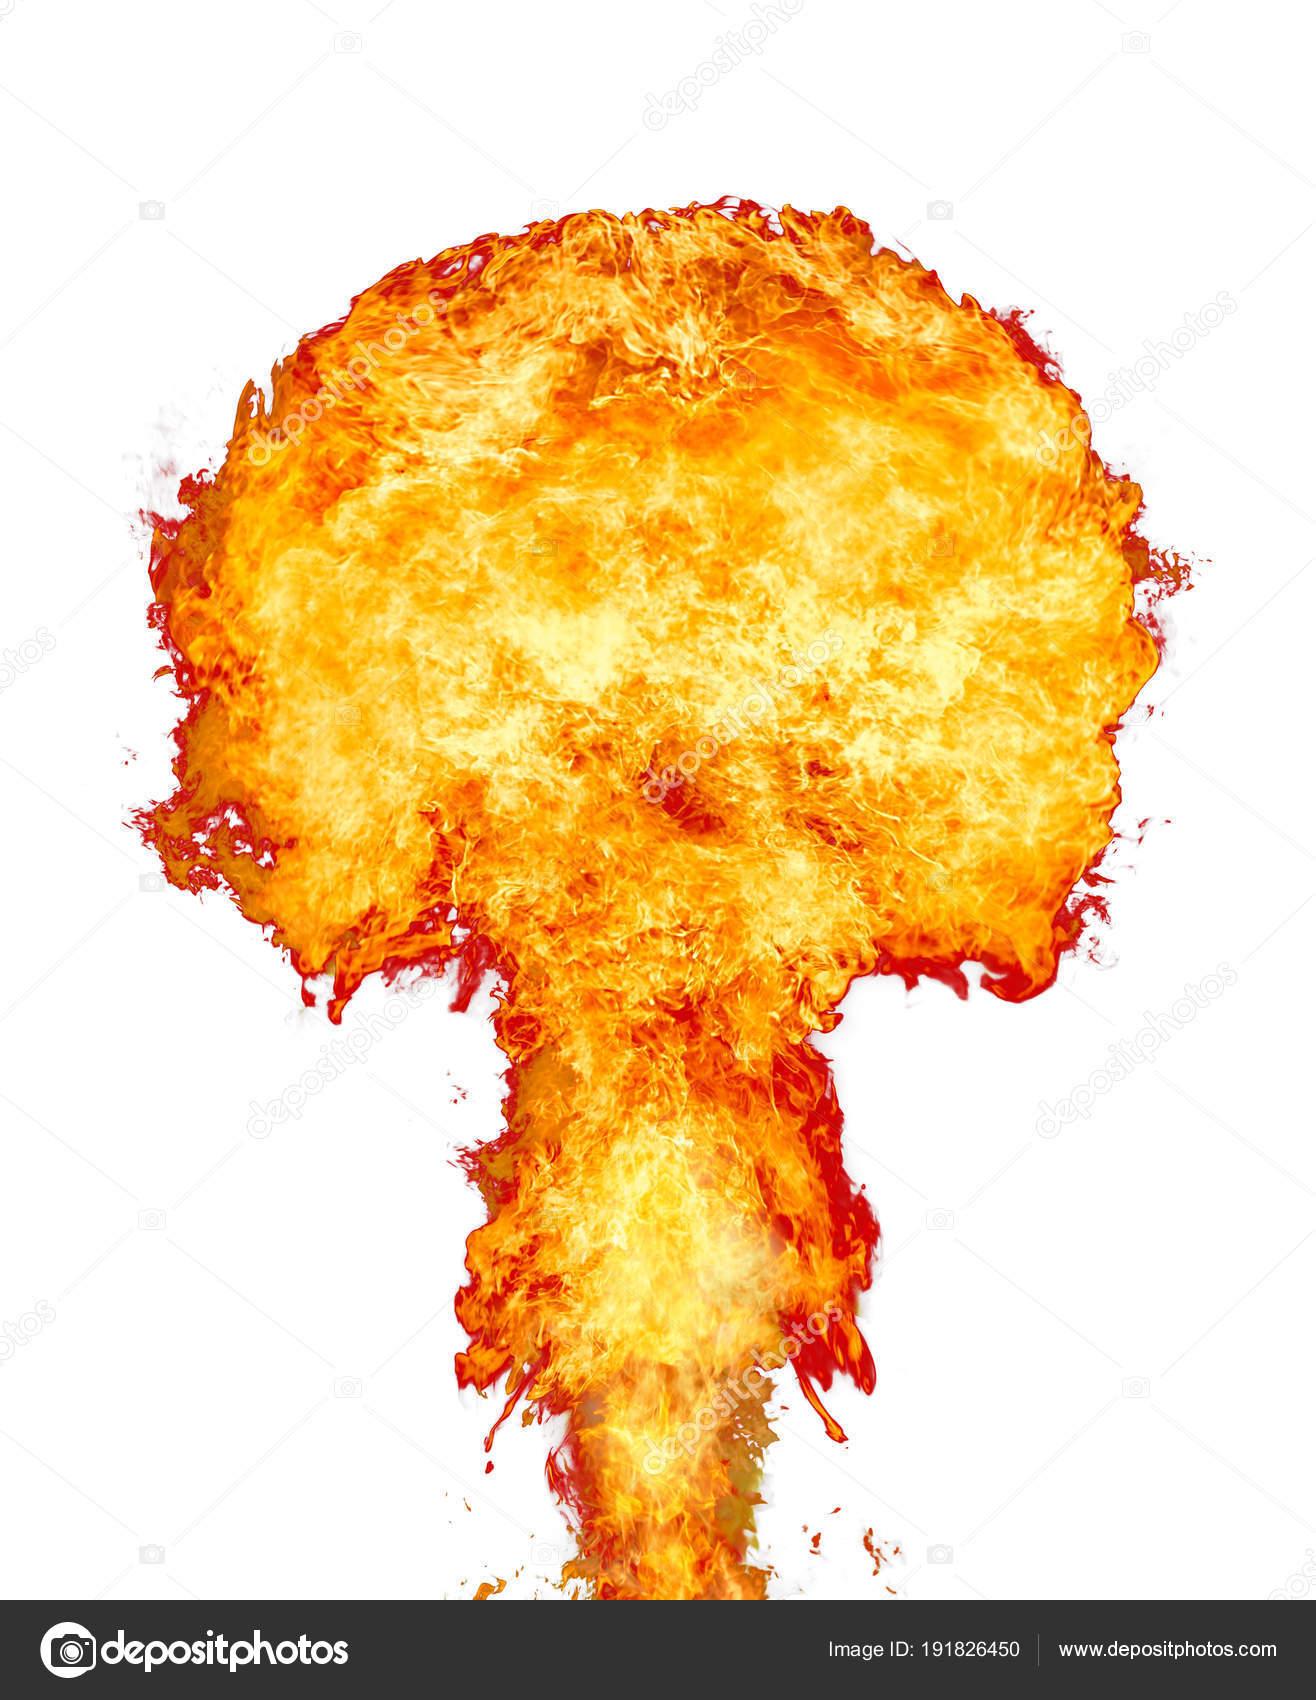 Fire Mushroom From Cloud Fireball Explosion Mushroom An dC5dUq